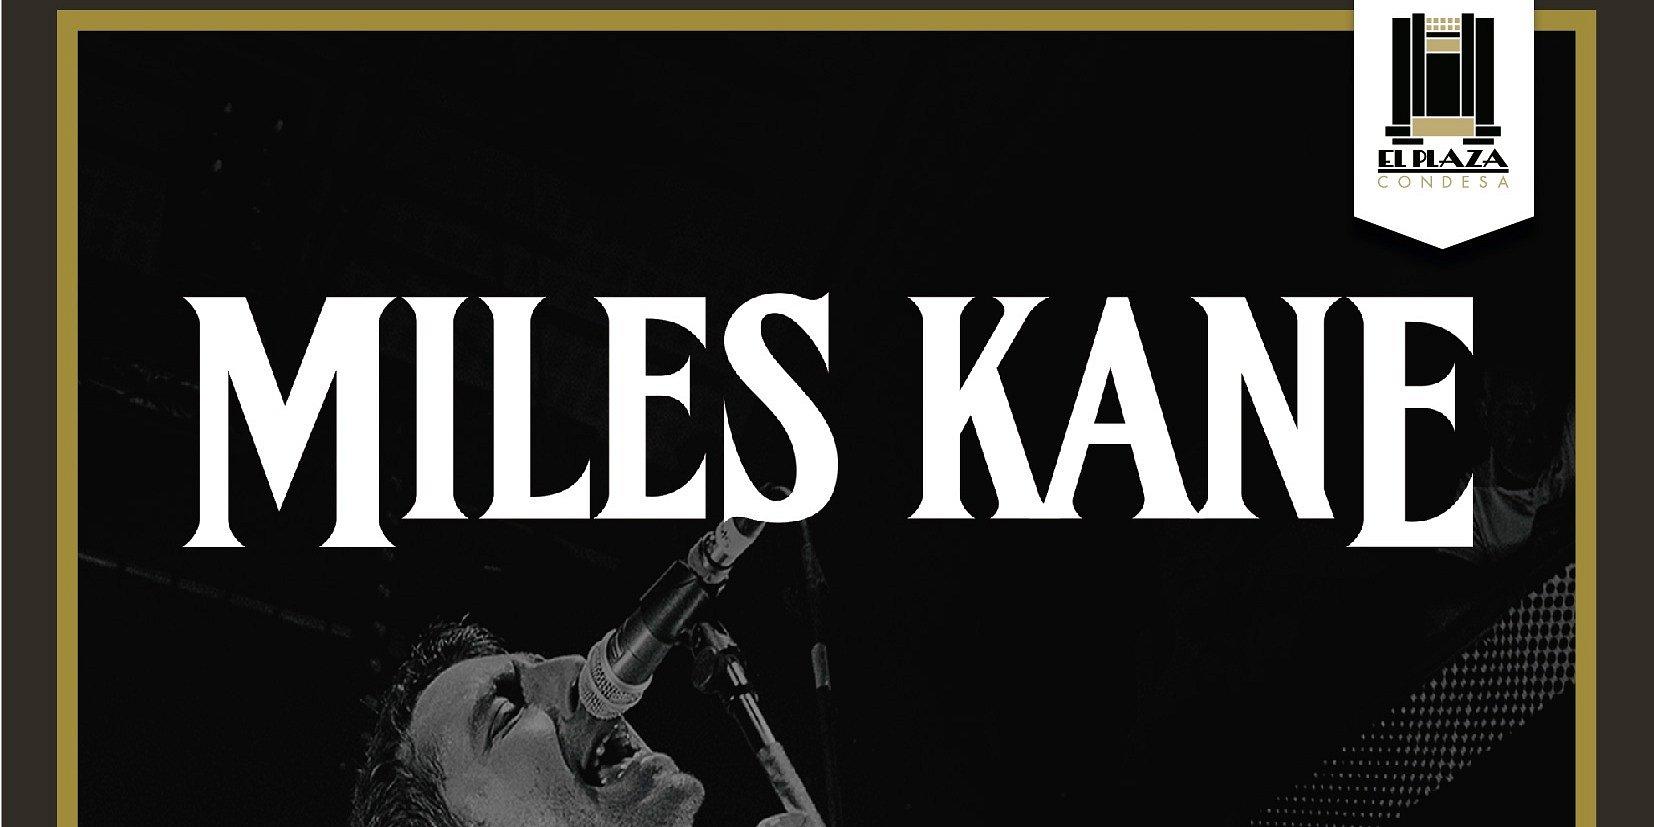 Miles Kane se presentará en El Plaza Condesa